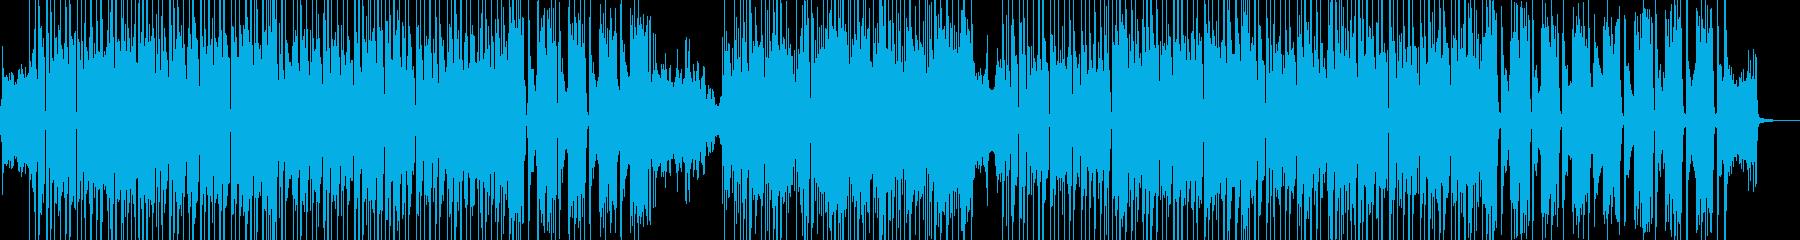 琴・三味線・近未来的で疾走するビートの再生済みの波形